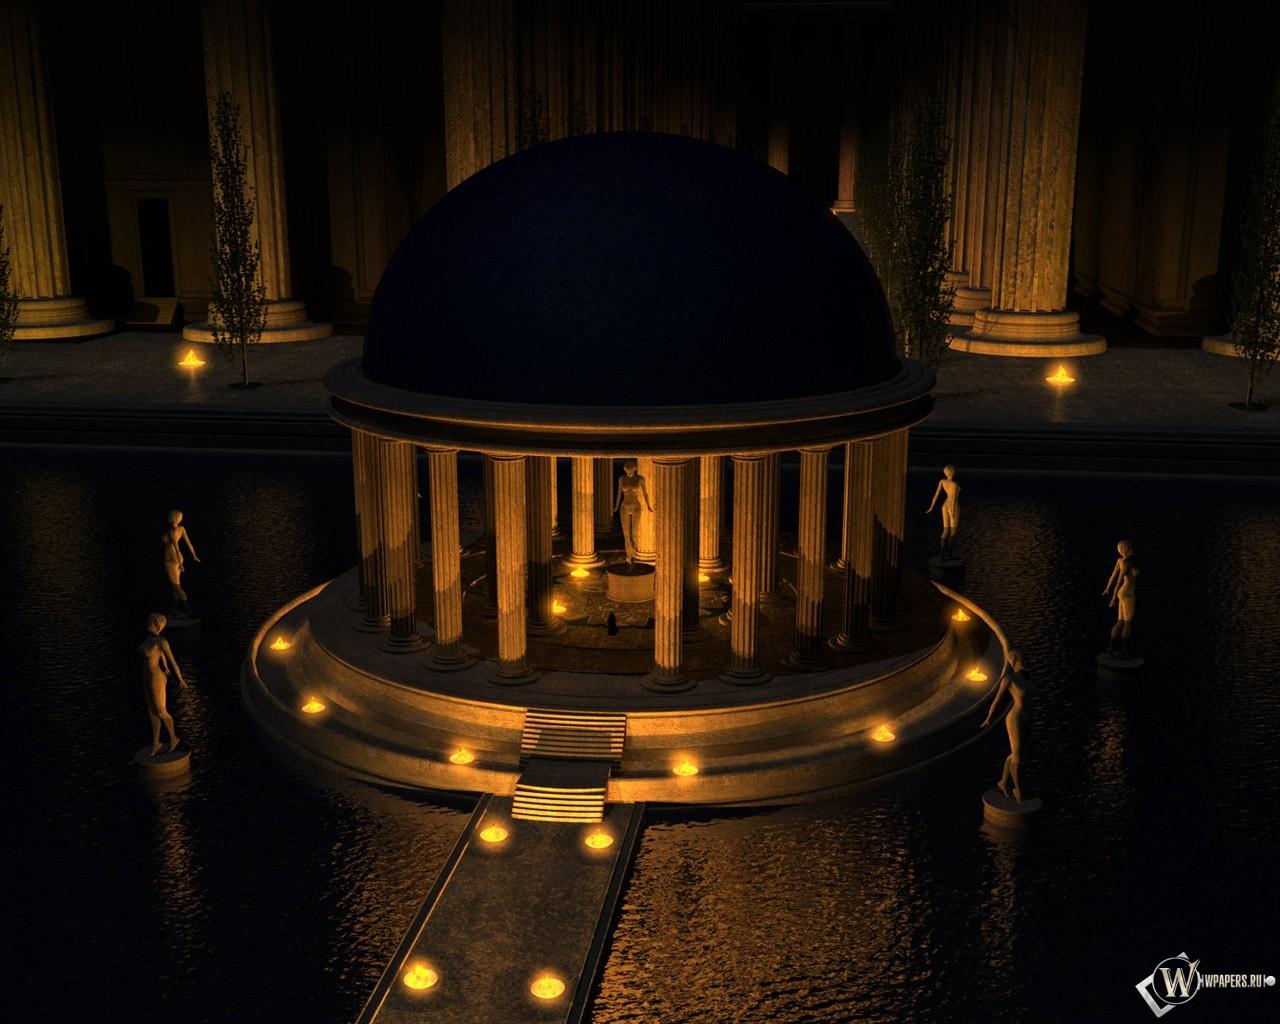 Святилище венеры 1280x1024